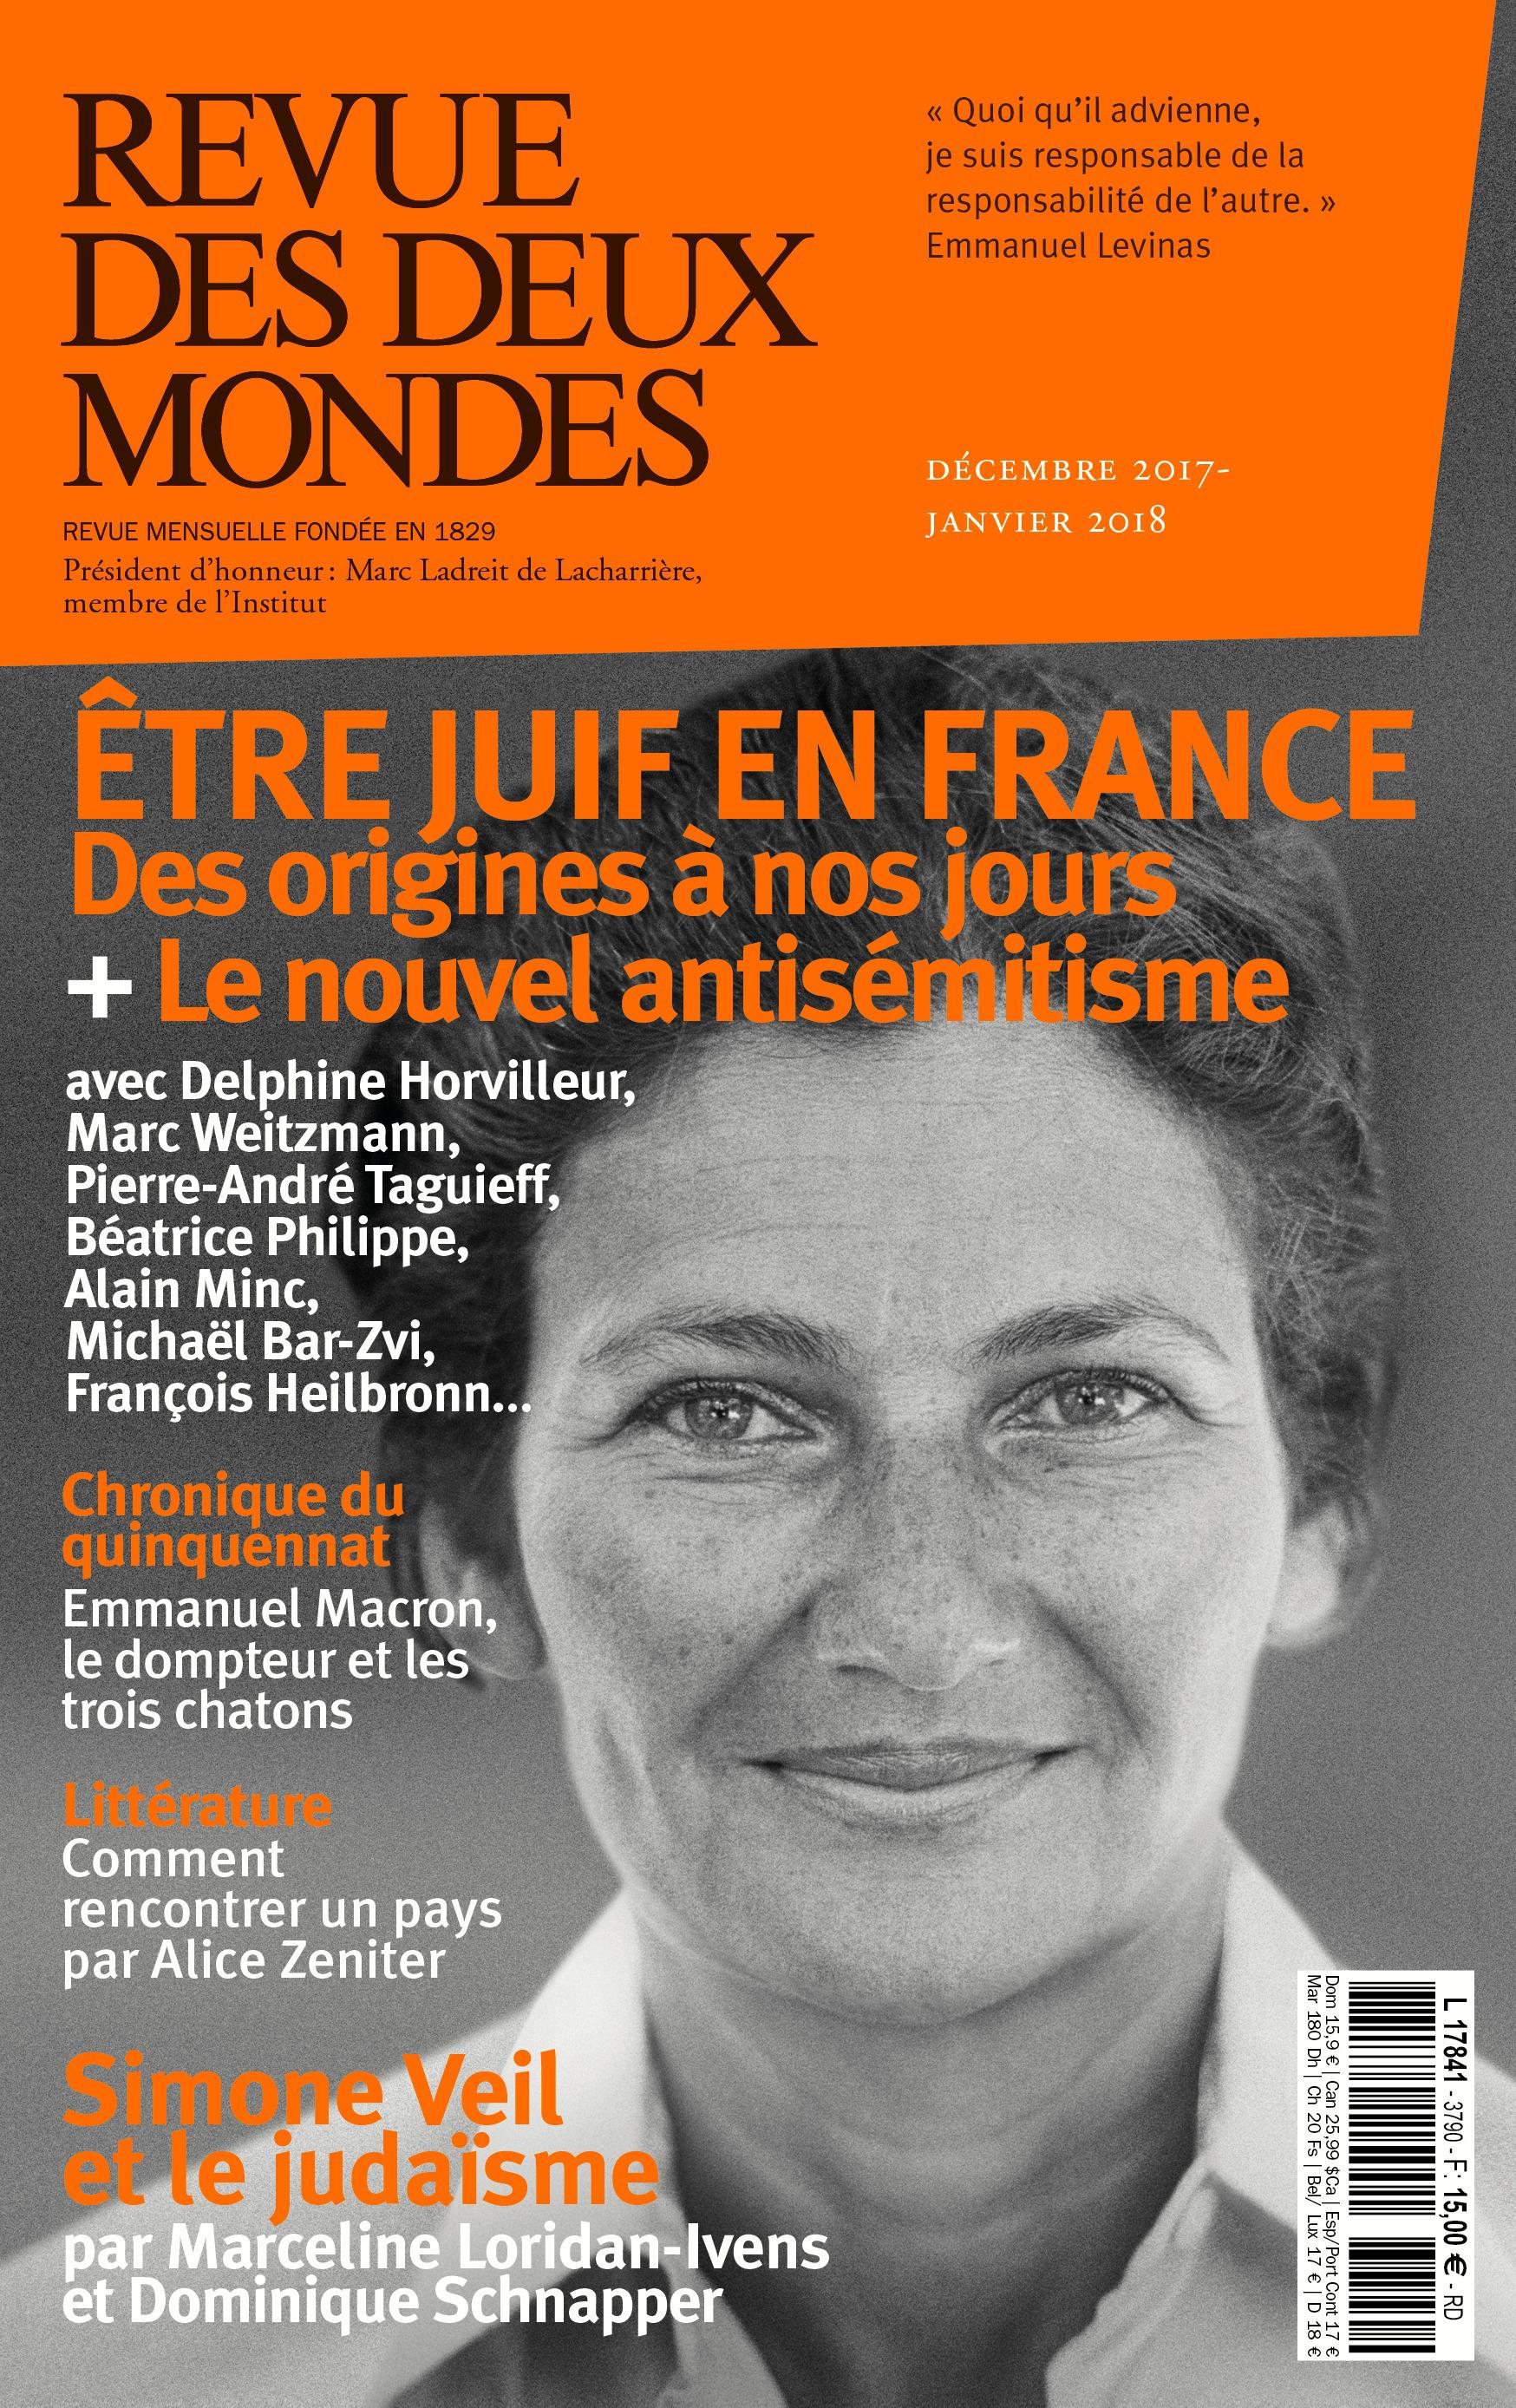 REVUE DES DEUX MONDES ; les juifs et la France ; Simone Veil